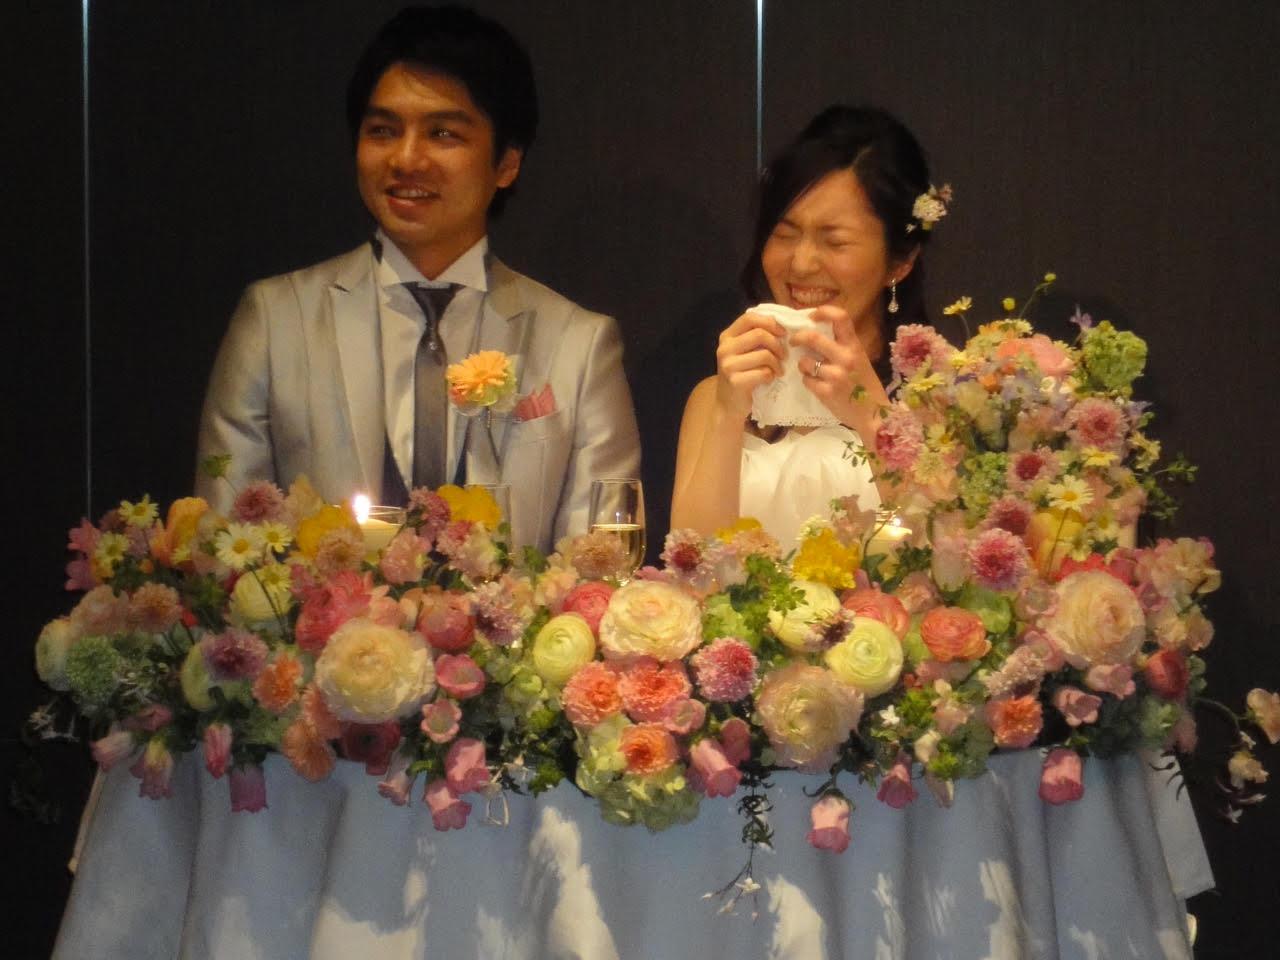 新郎新婦様からのメール 春の装花と春のブーケ サンス・エ・サヴール様へ_a0042928_2244824.jpg